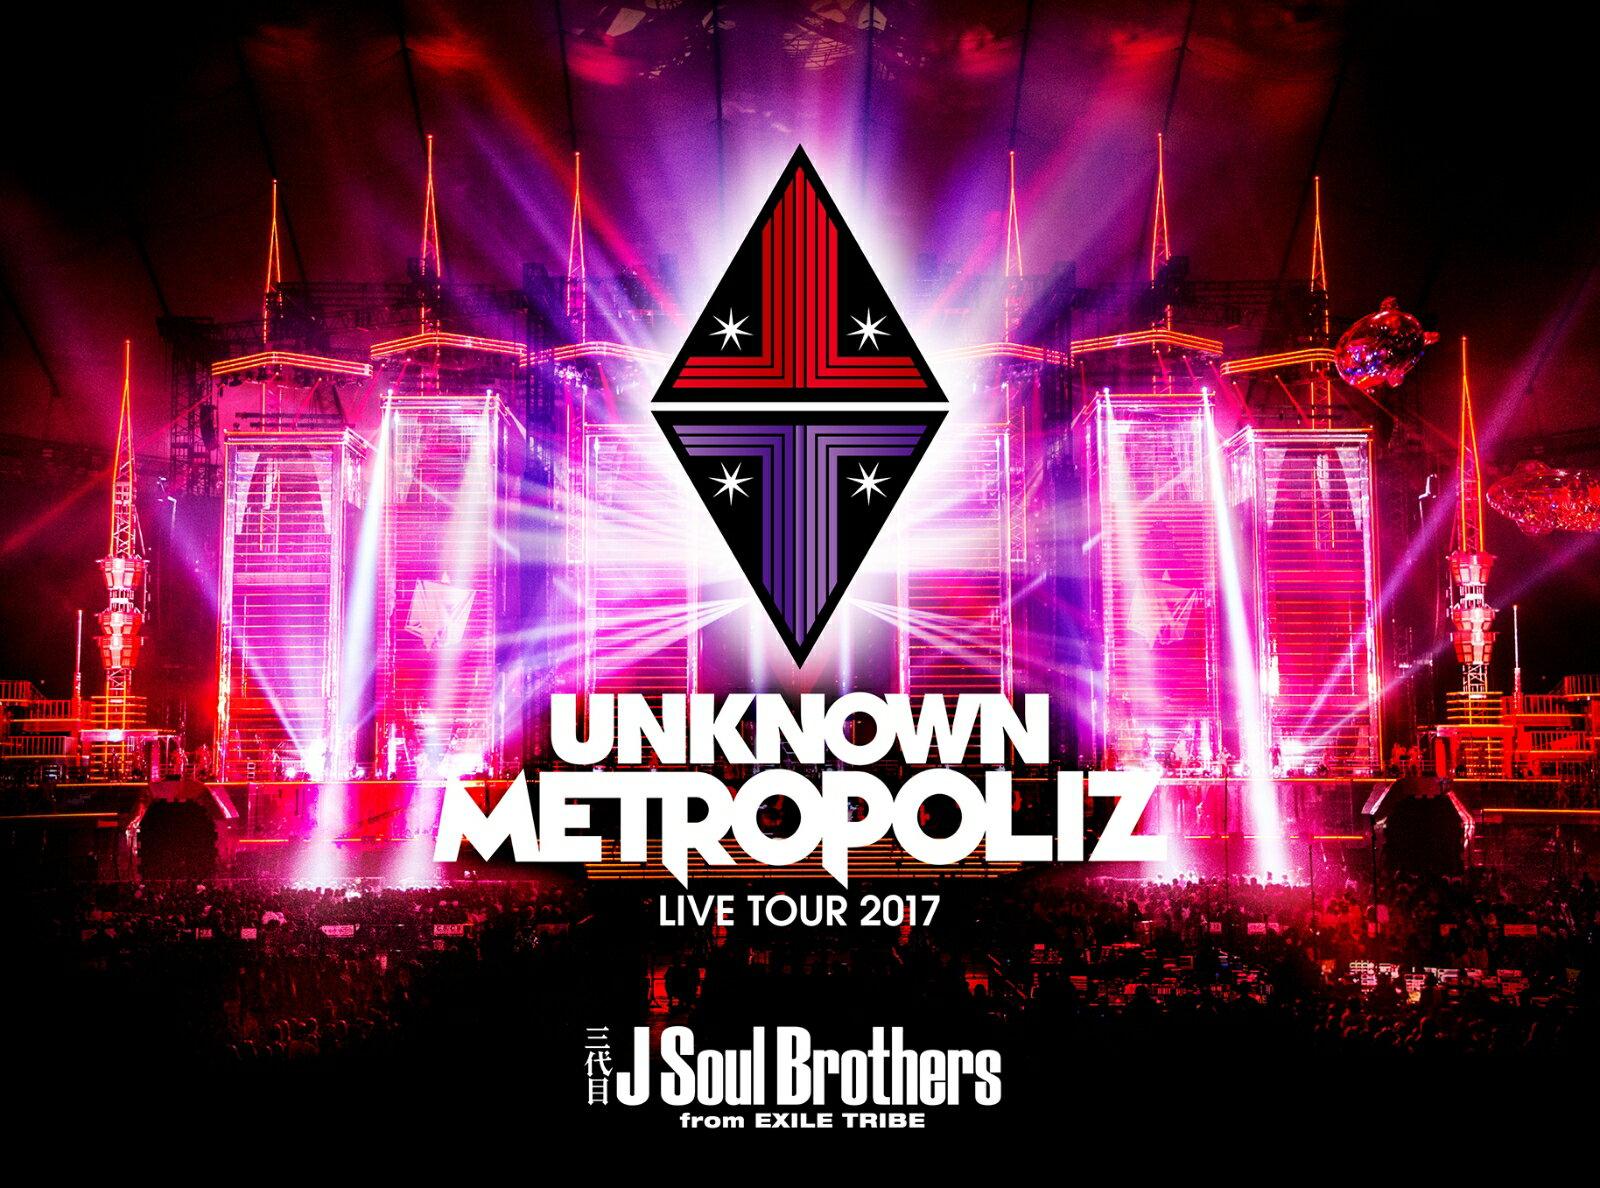 """三代目 J Soul Brothers LIVE TOUR 2017 """"UNKNOWN METROPOLIZ""""(初回生産限定盤)【Blu-ray】 [ 三代目 J Soul Brothers from EXILE TRIBE ]"""